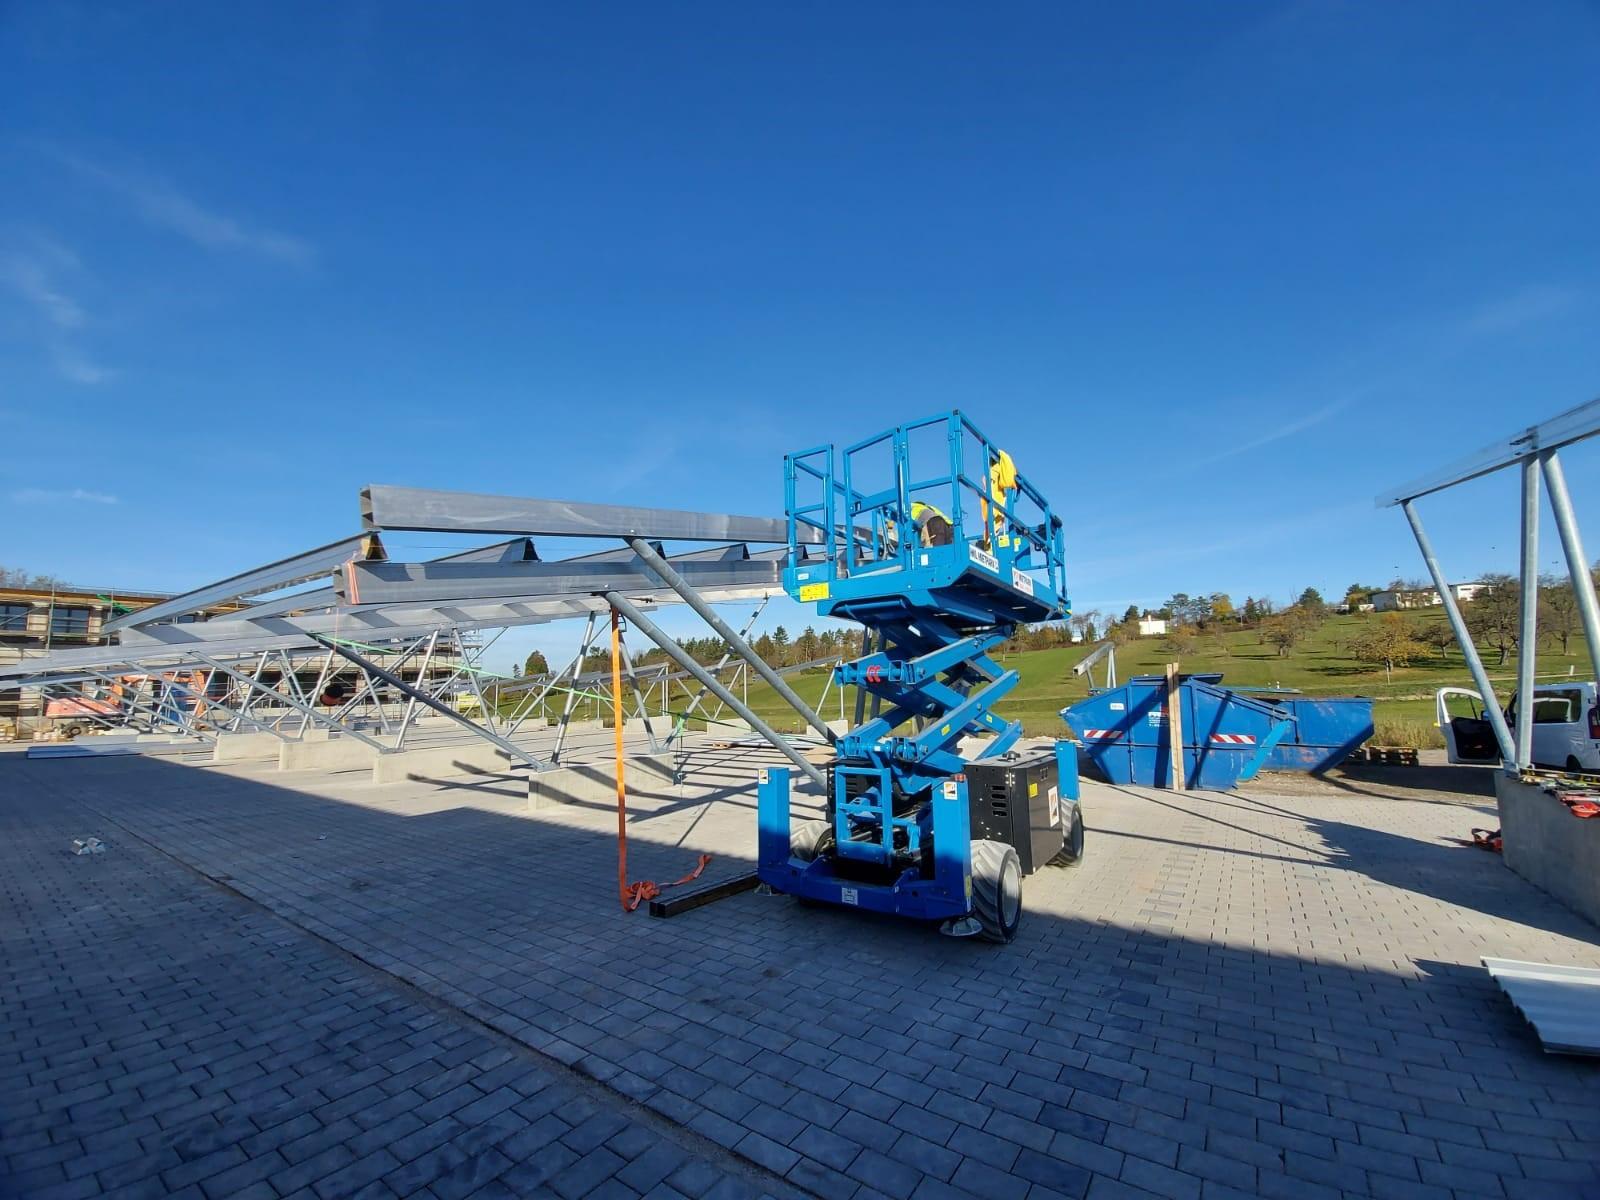 SL Rack Carportsystem C1R und C2R | Standort: Baden-Württemberg, Deutschland | Leistung: 270 KWp